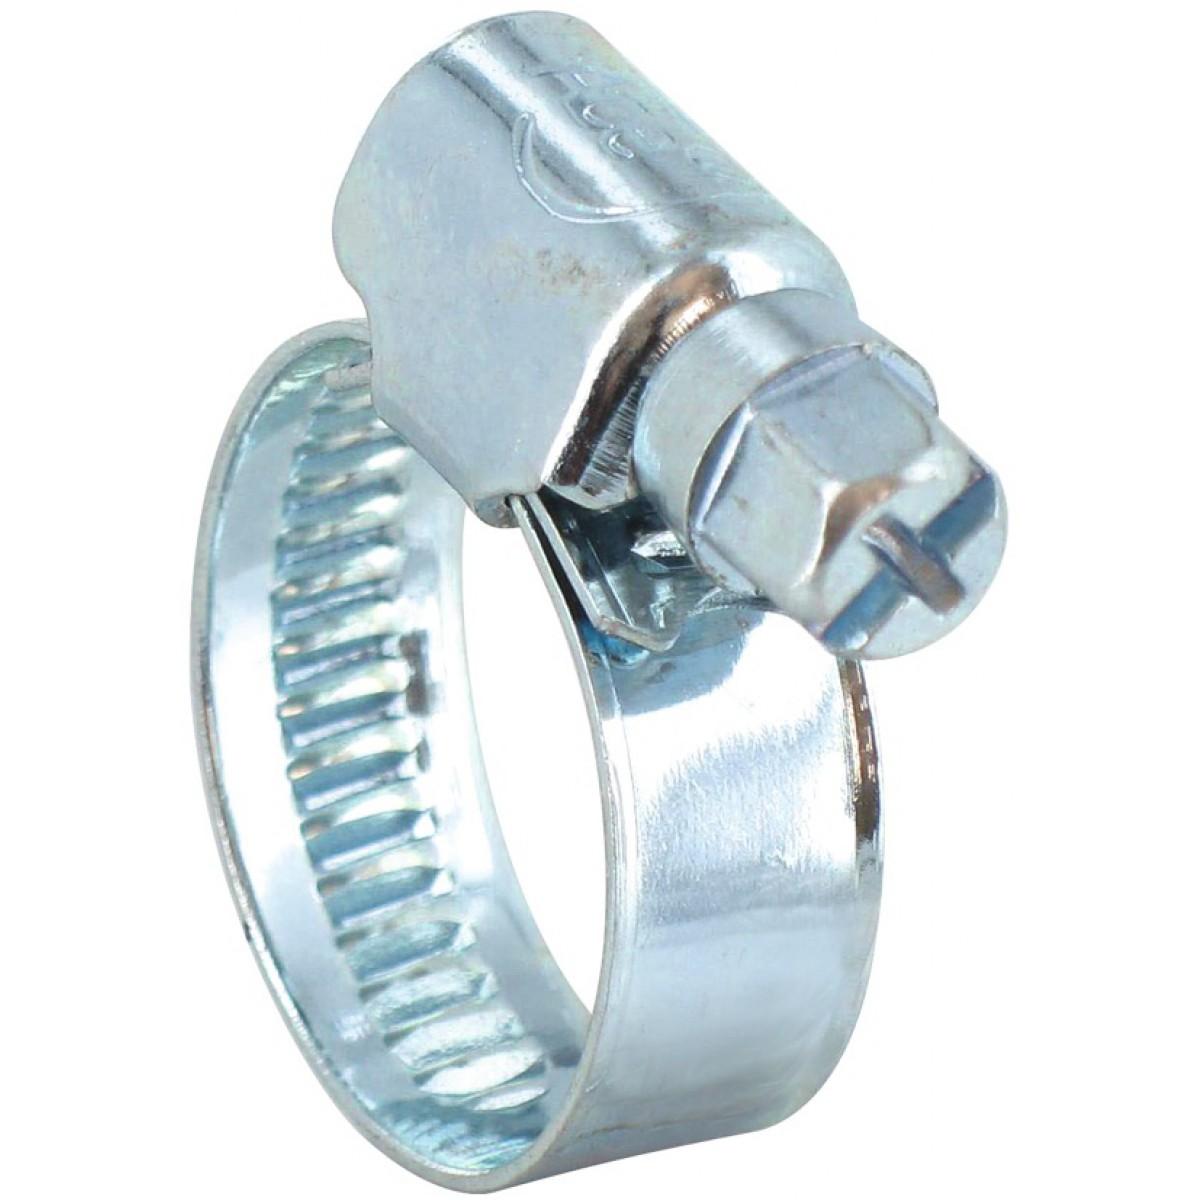 Collier à bande Cap Vert - Diamètre 10 - 16 mm - Largeur 8 mm - Vendu par 2